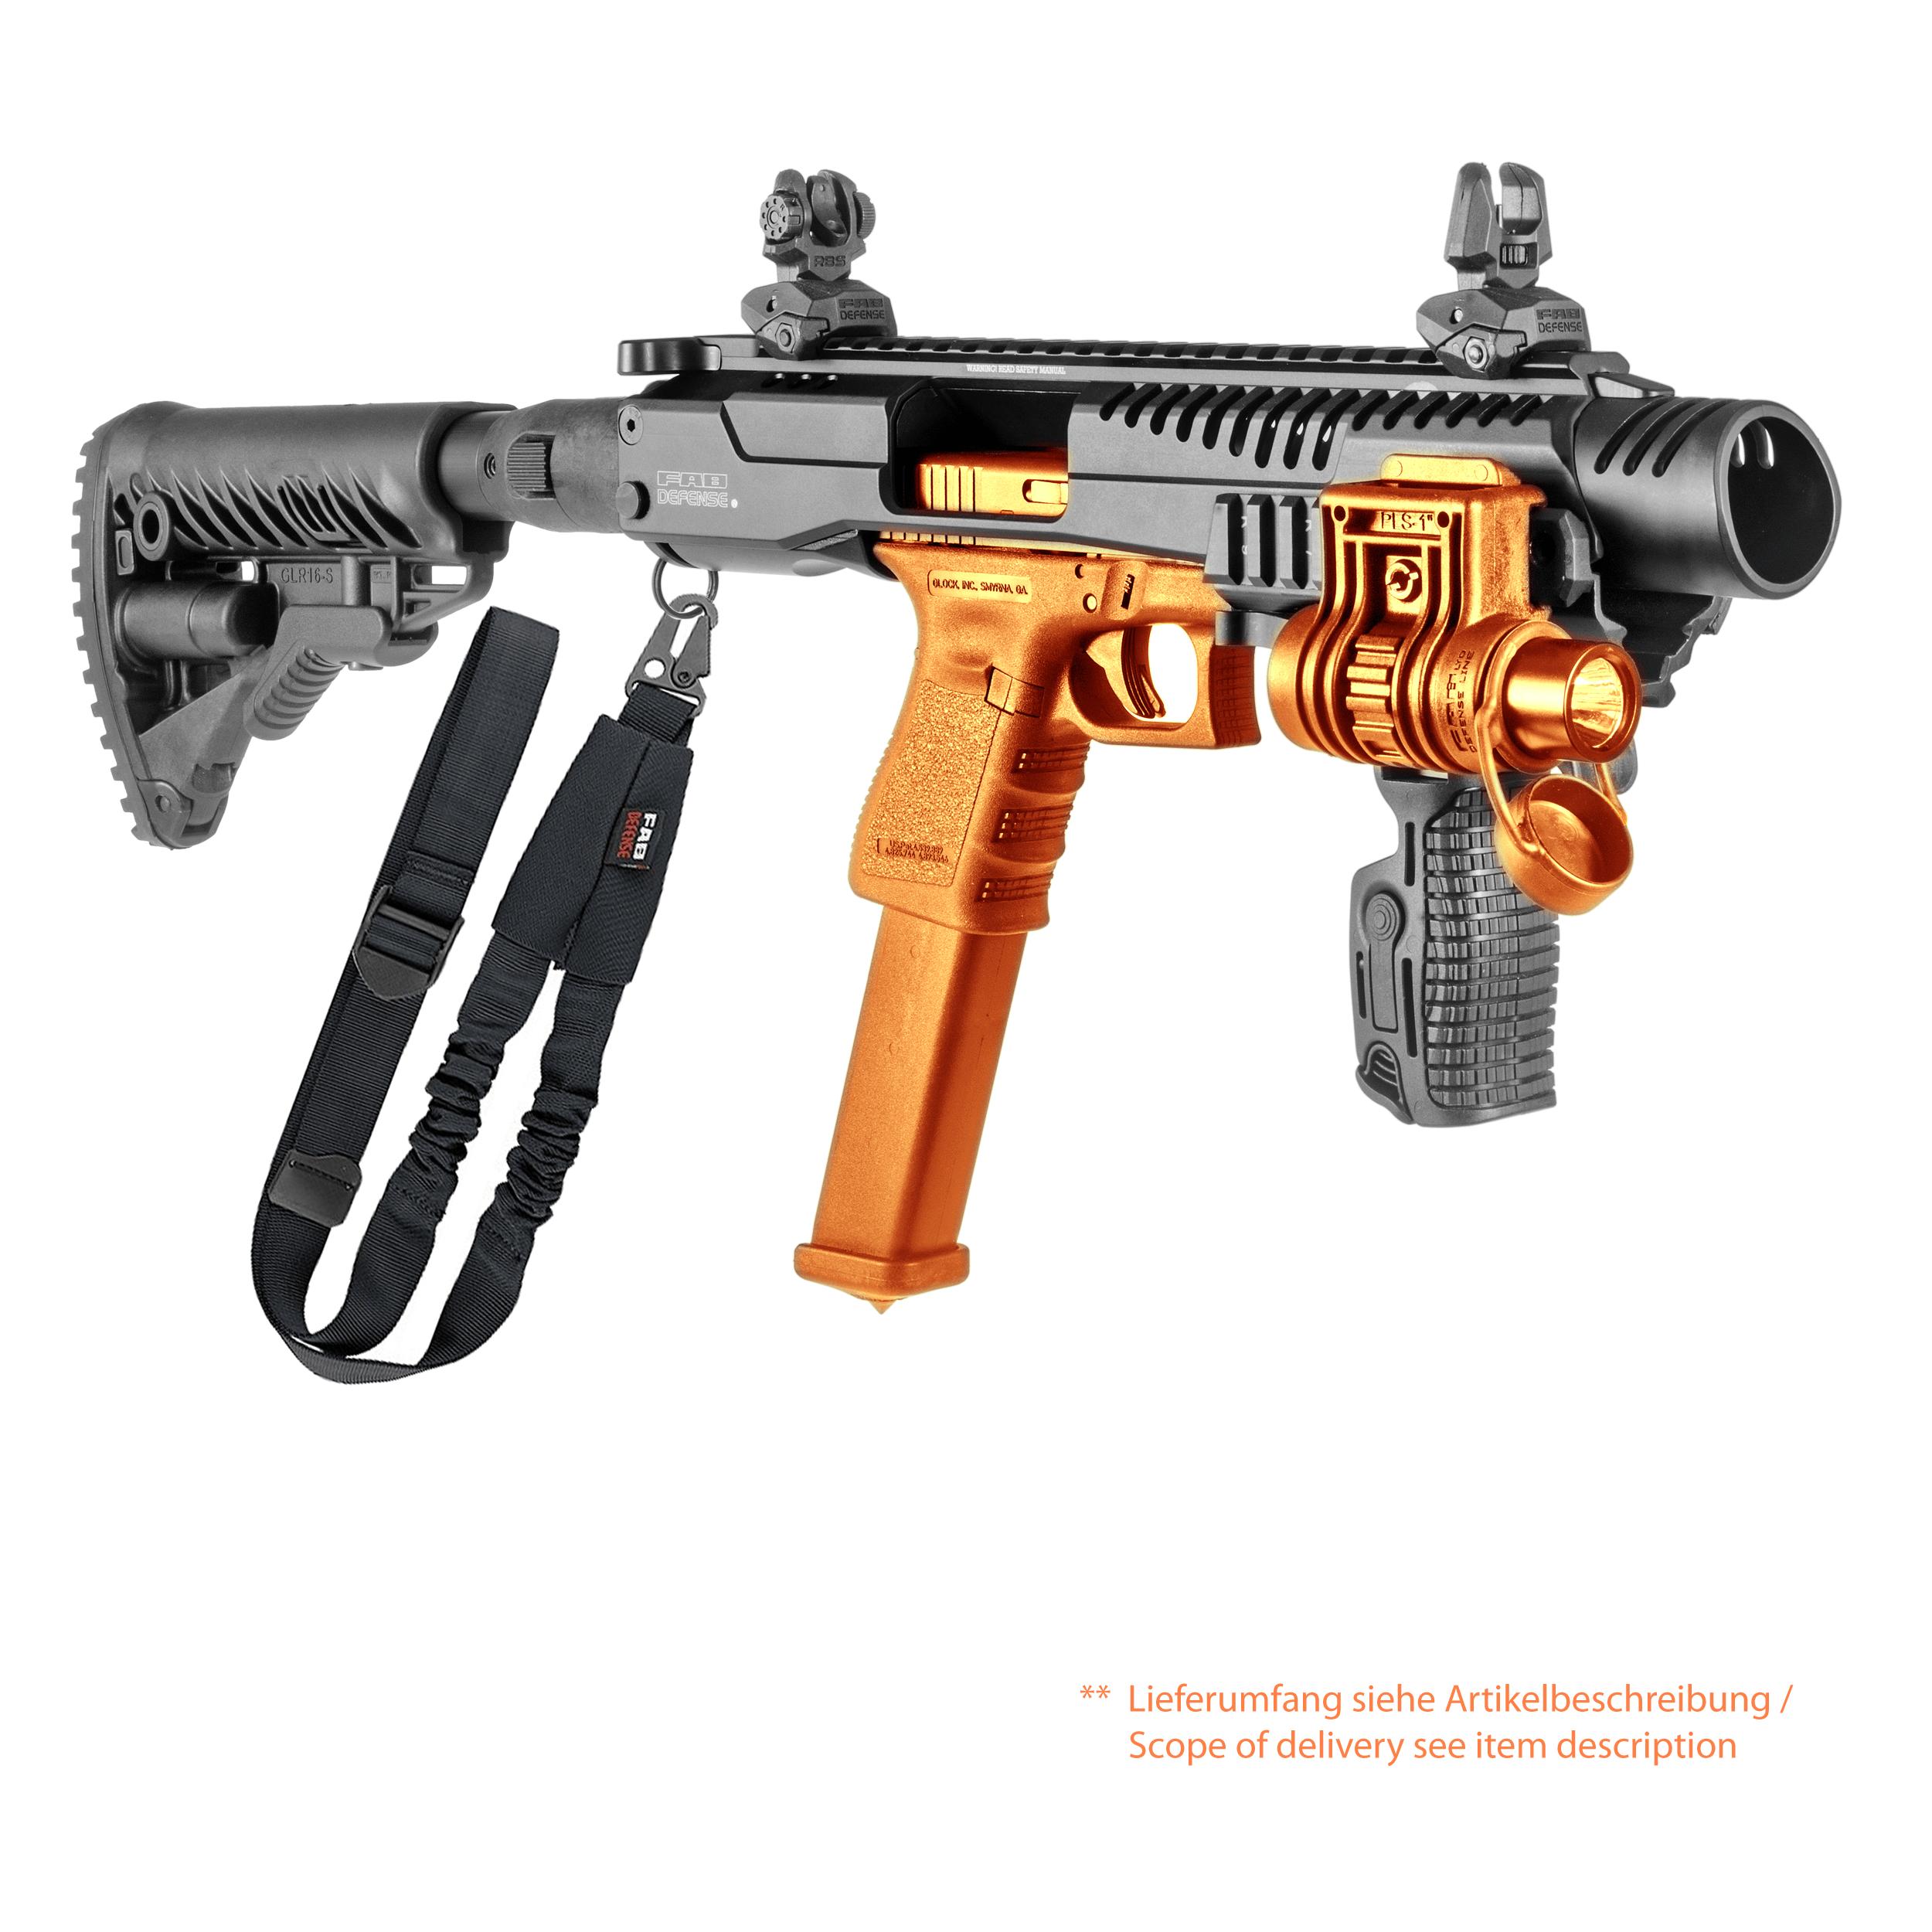 KPOS G2/M4 CZ DUTY